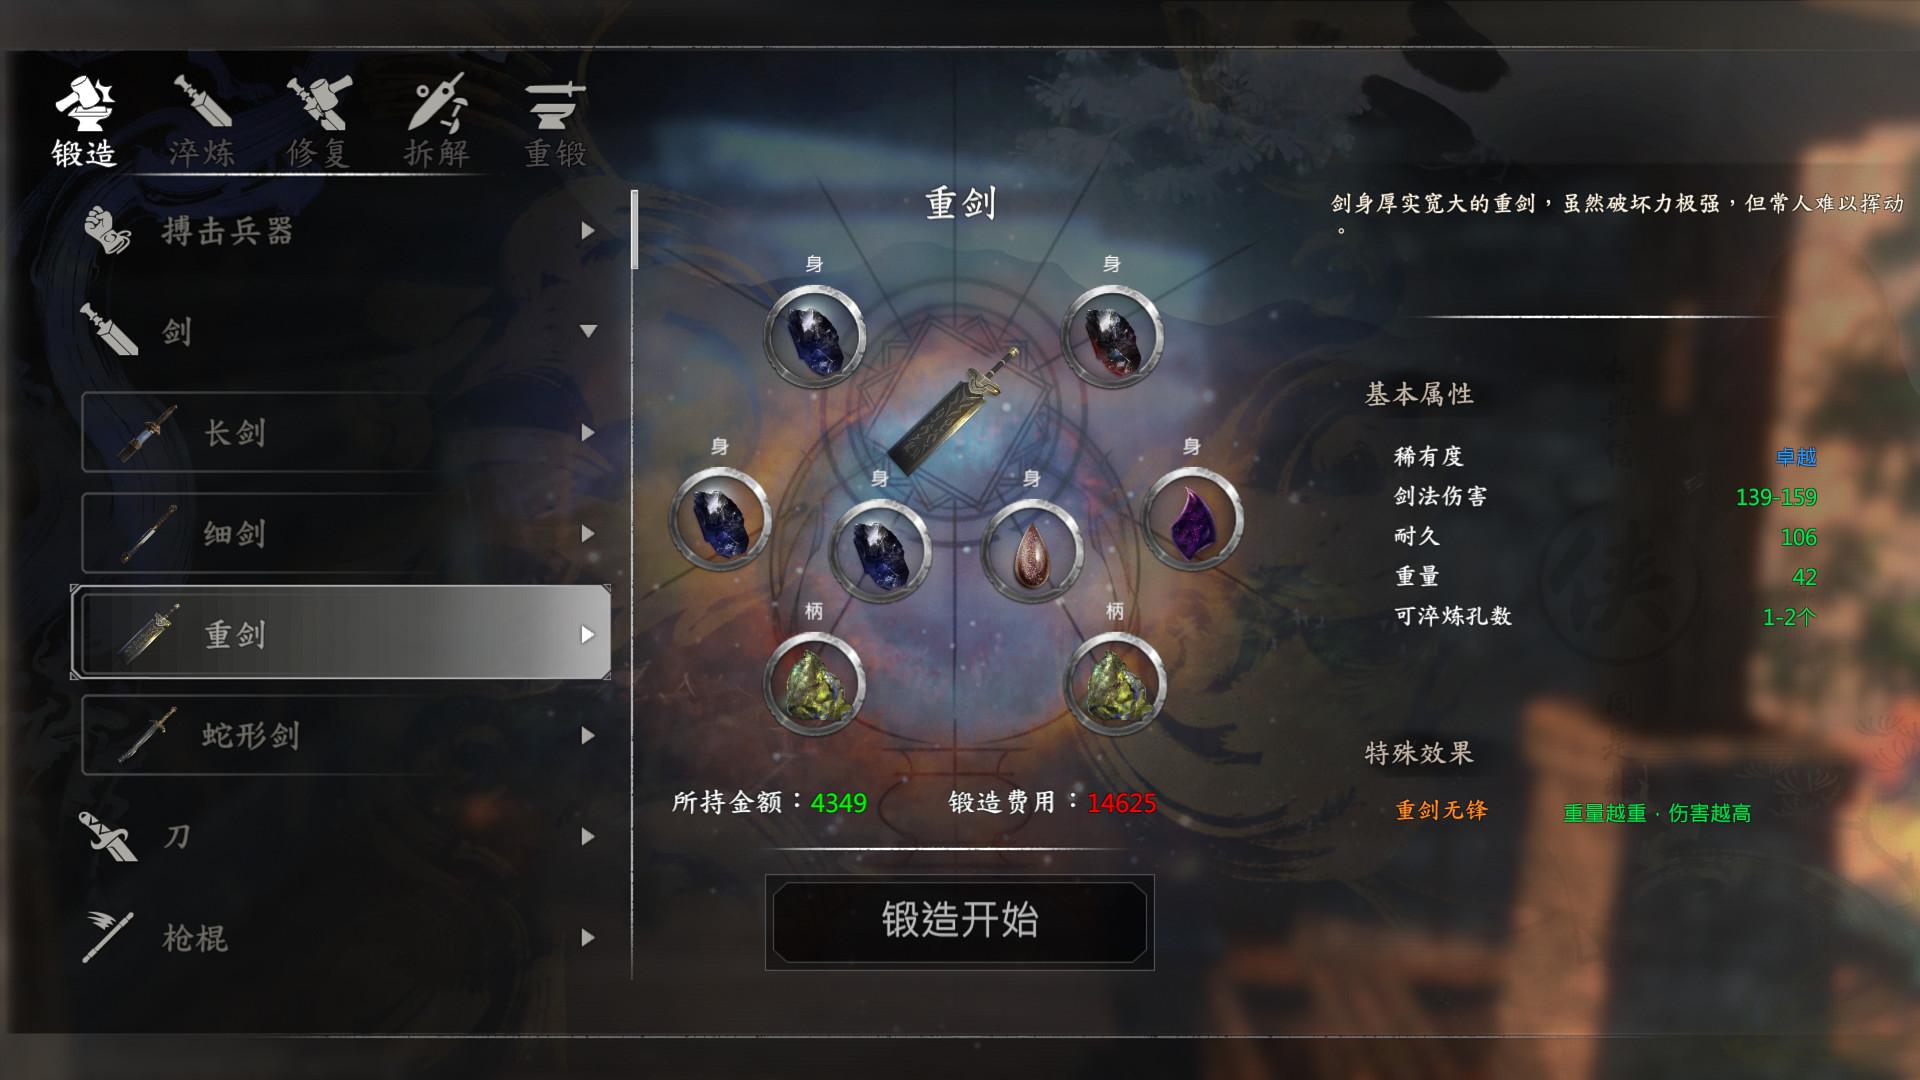 《河洛群侠传》Steam打折促销 仅售61元新史低